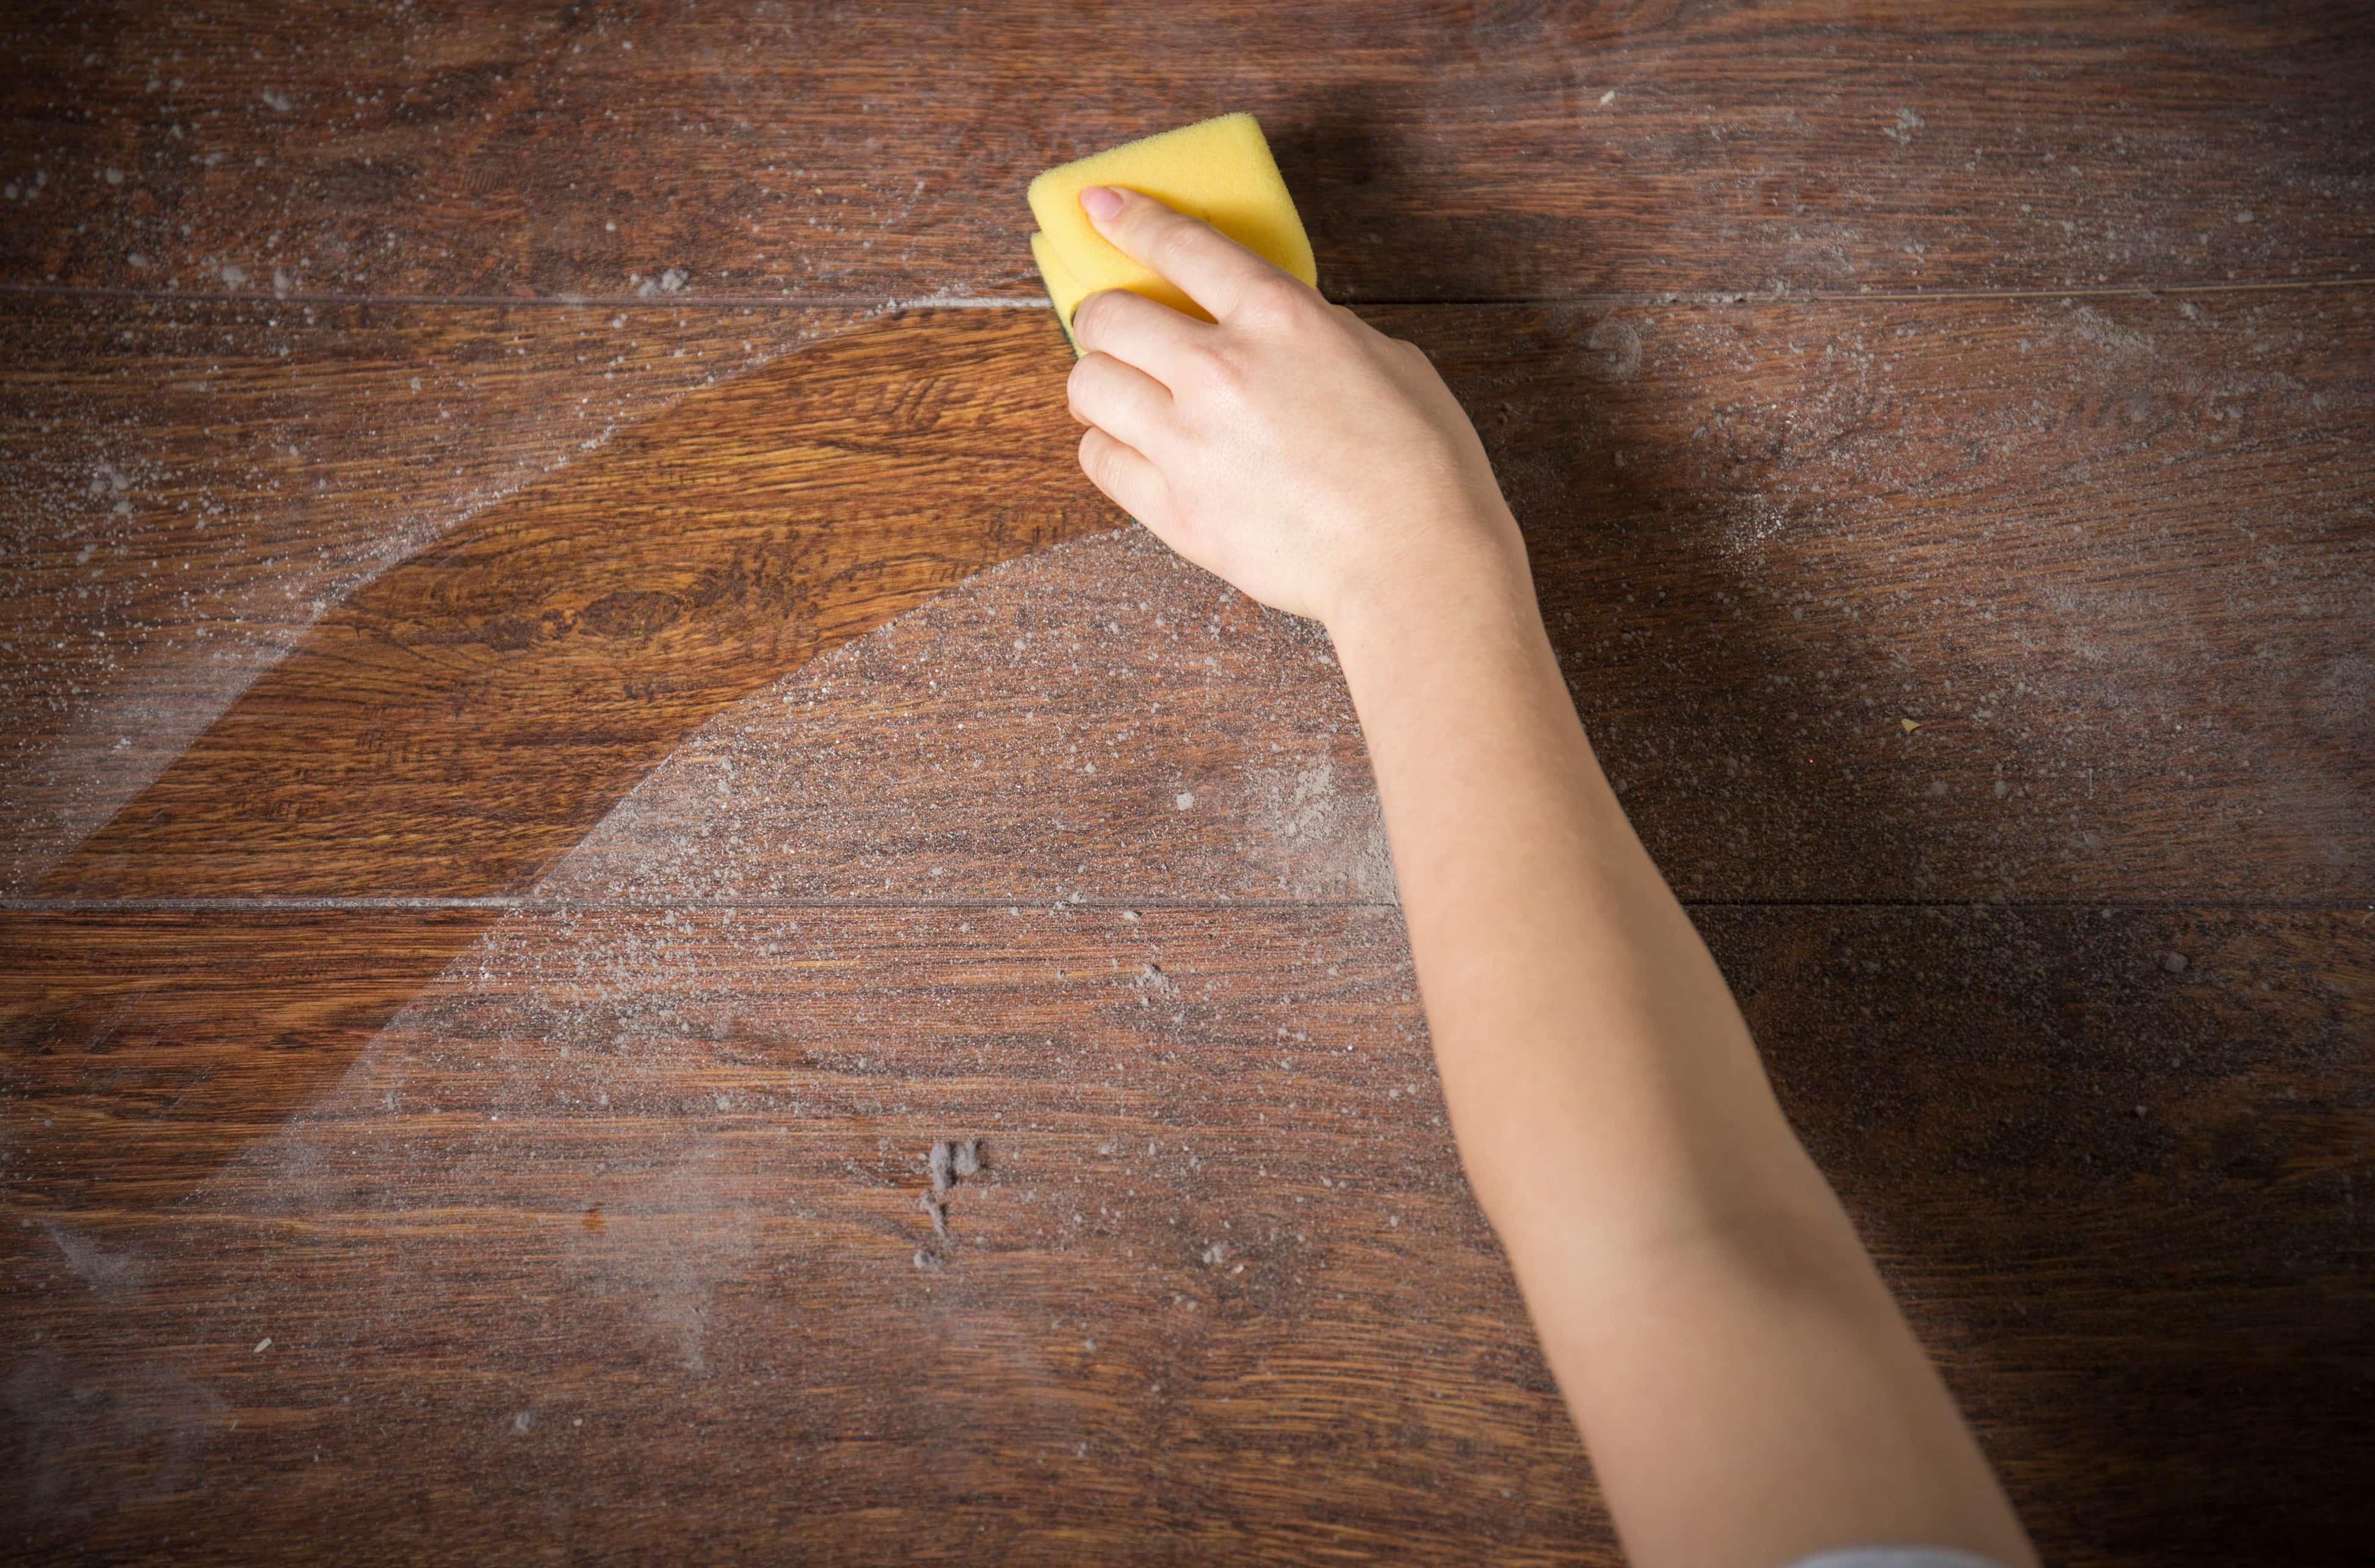 Откуда берется пыль в квартире и как с ней бороться